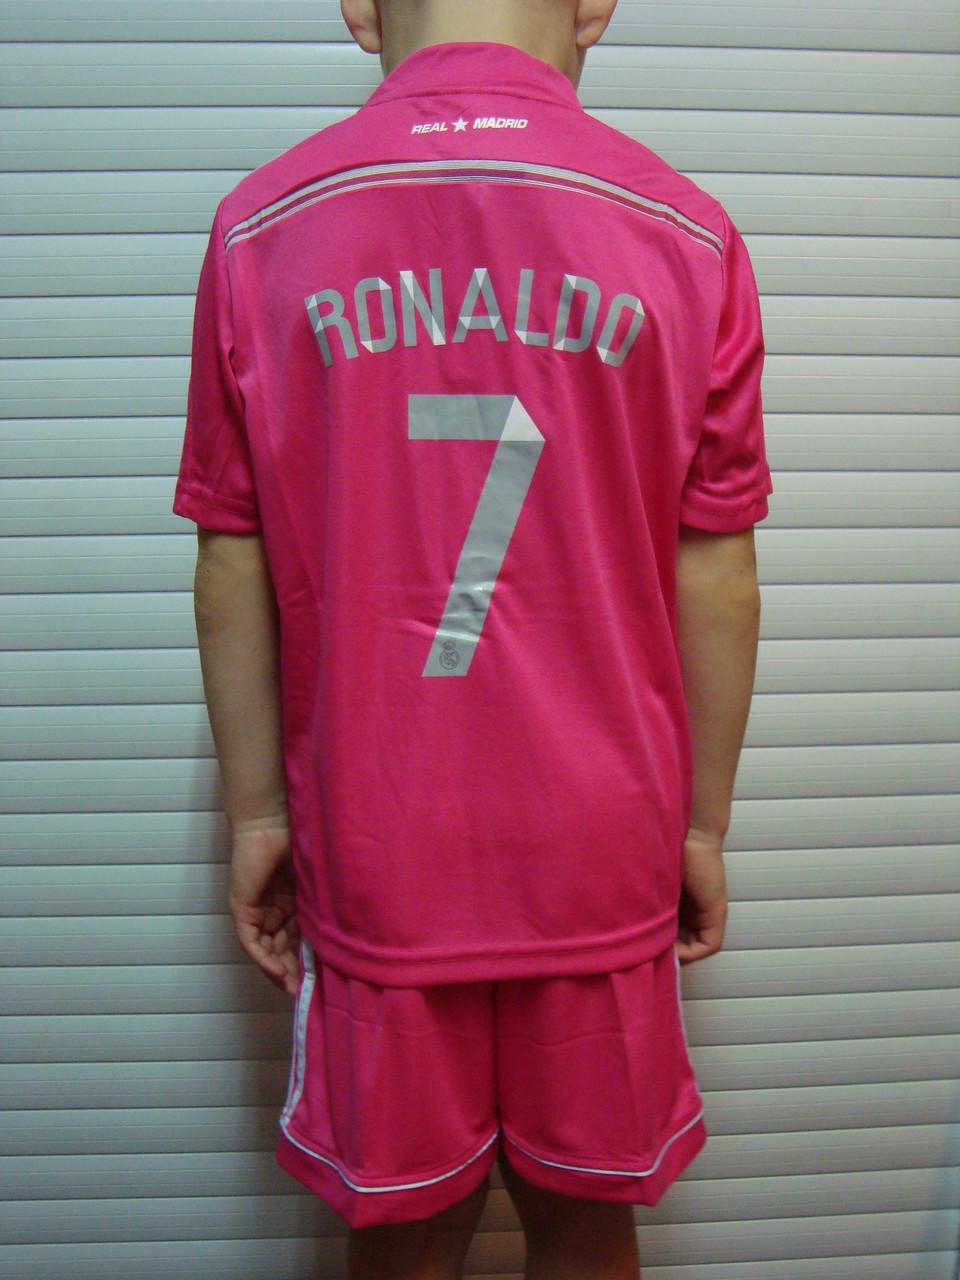 Футбольная форма Реал Мадрид розовая безномерная. Розовый Реал Мадрид  С  домашним вариантом все изначально было понятно, ... cc804a2d68f